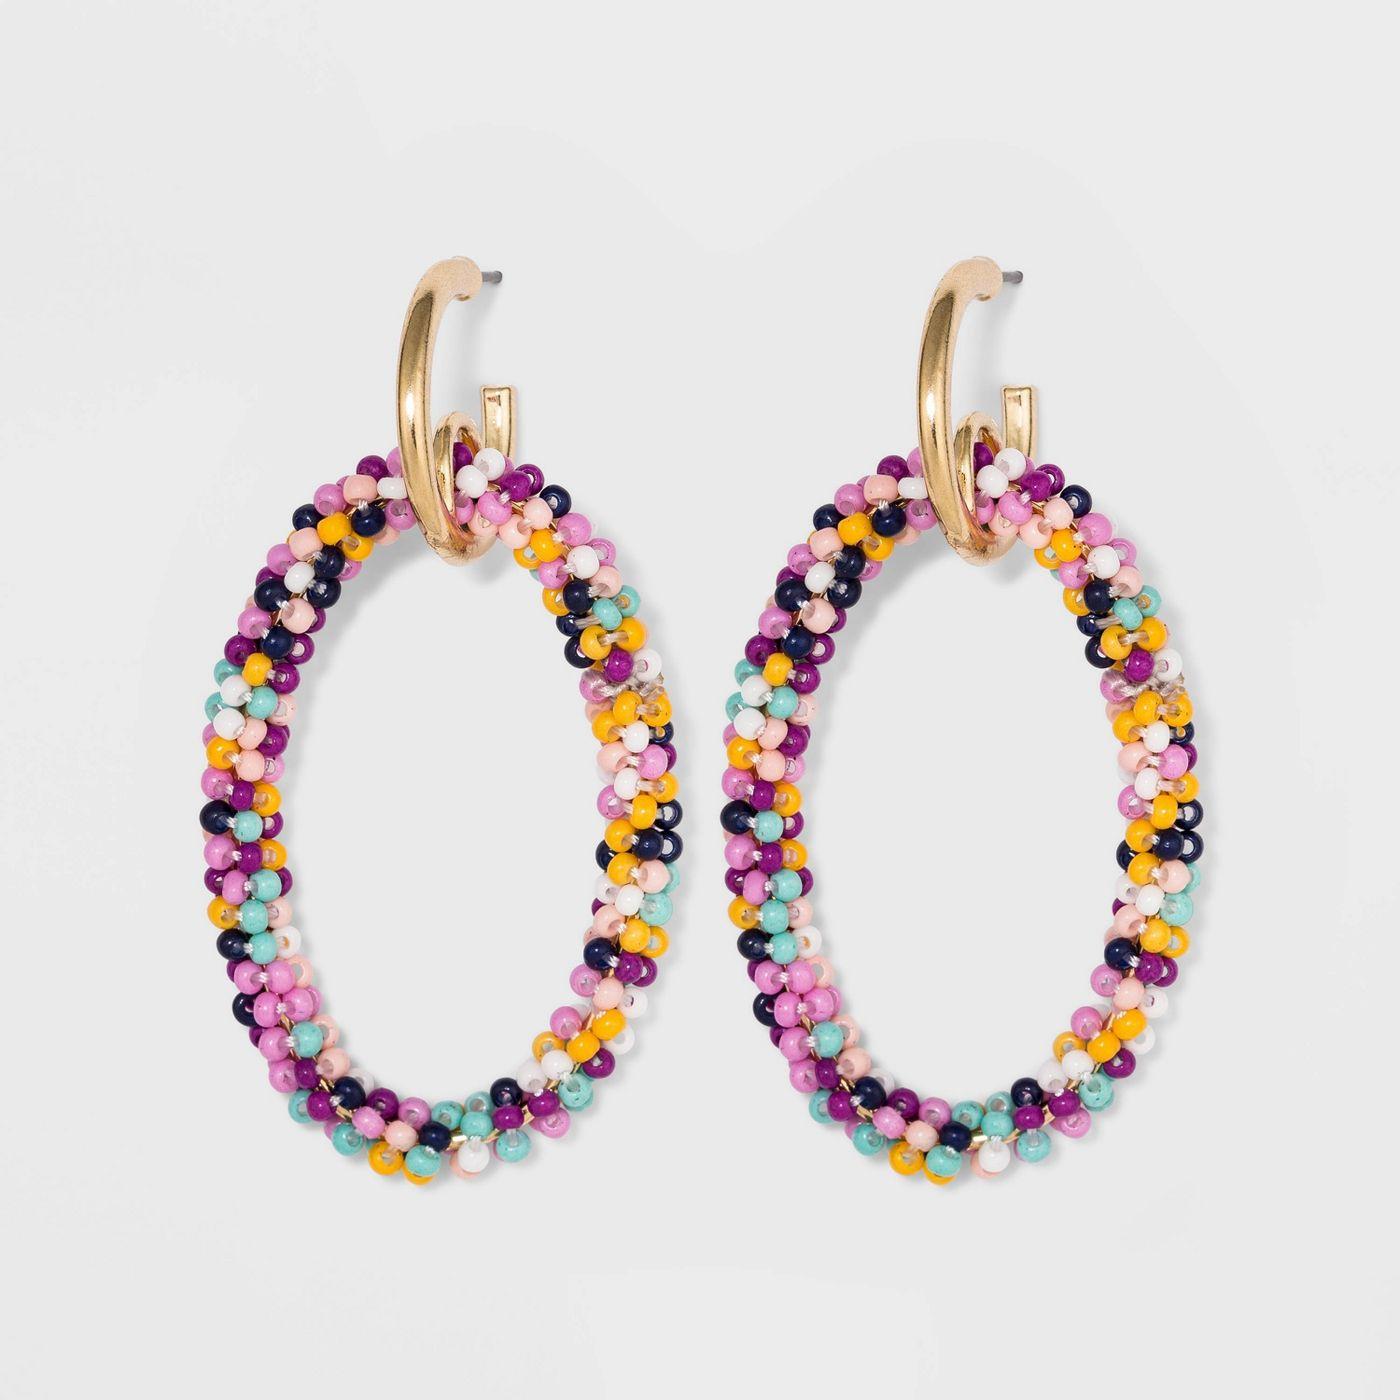 SUGARFIX by BaubleBar Seed Beaded Hoop Earrings - image 1 of 8